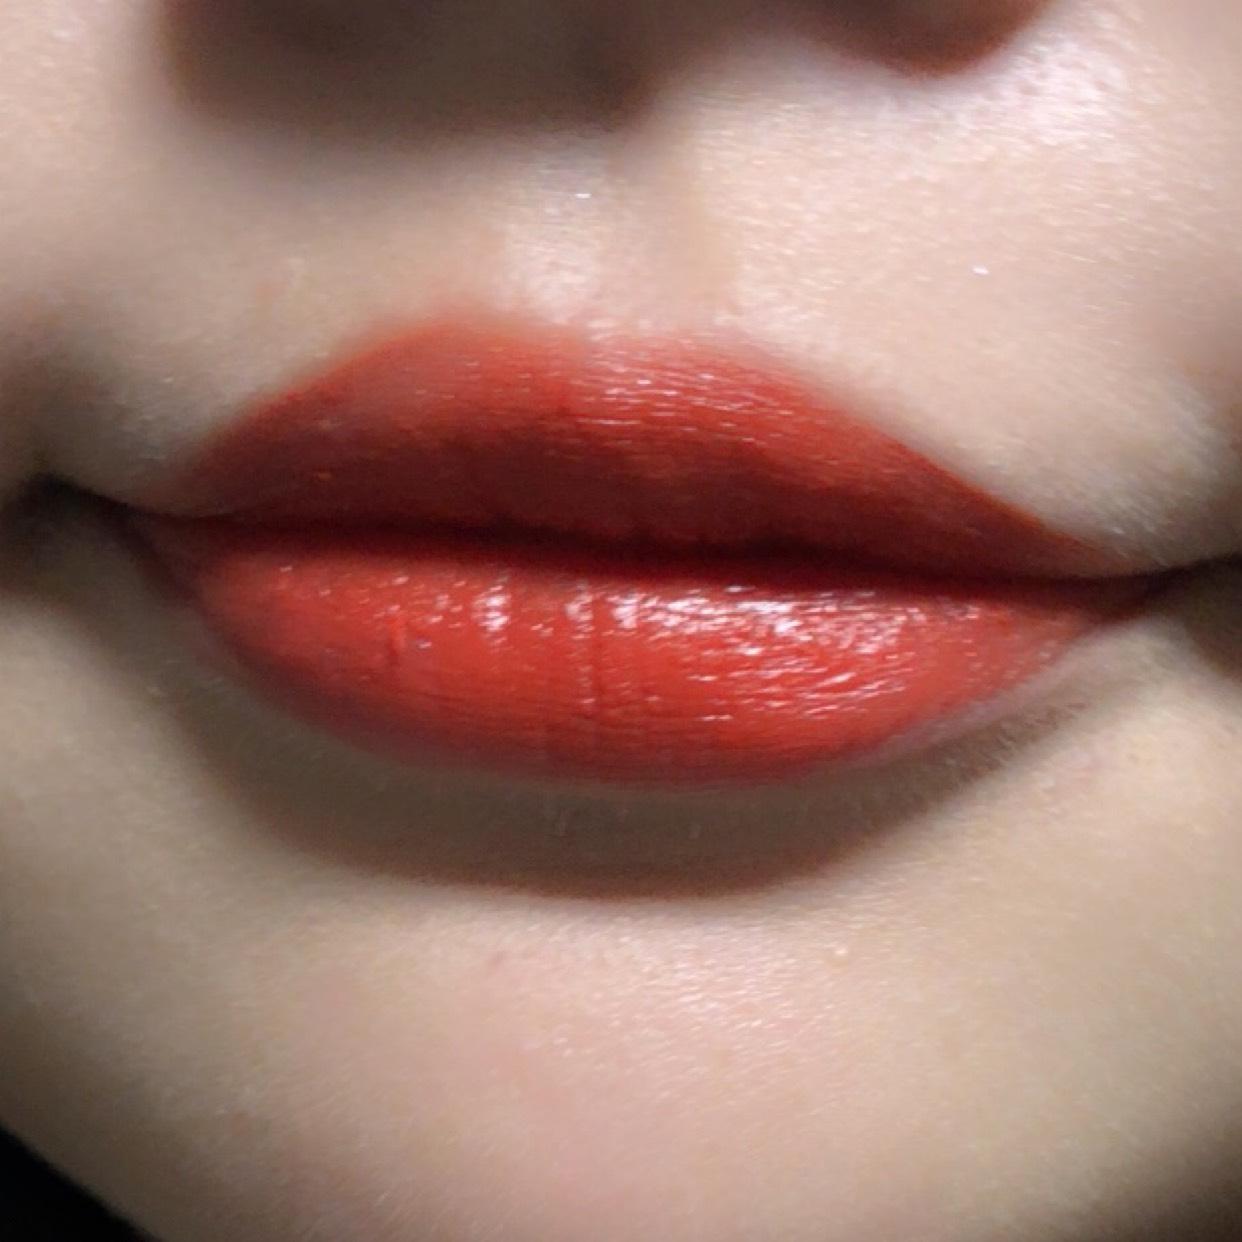 【 室内 】 テクスチャーはクリーミーなんですが 仕上がりではツヤがでます✨  実際に唇にのせてみると 渋い感じはなくなって 明るい色味なのが伝わると思います!